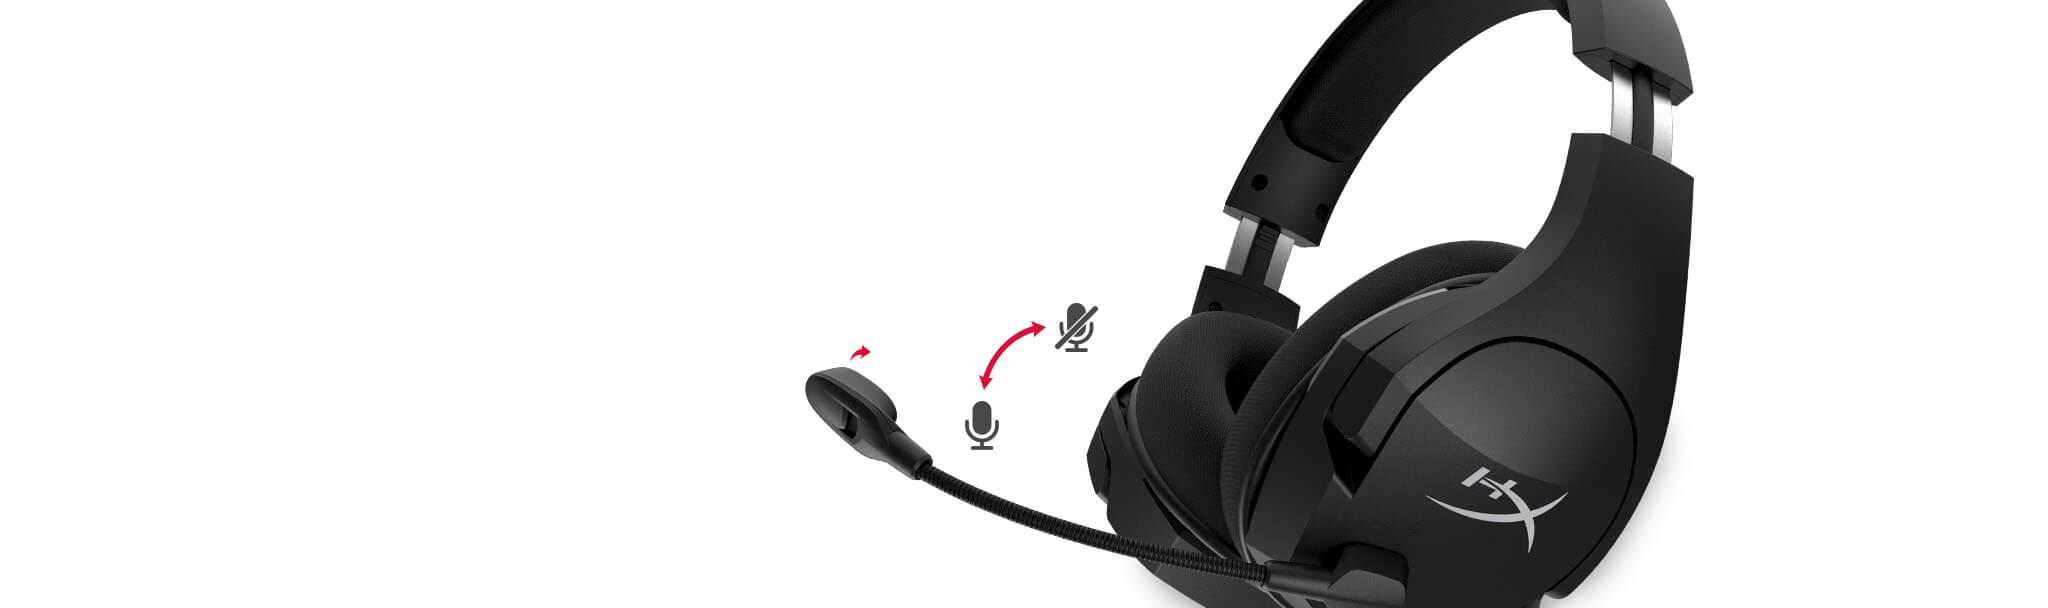 Tai nghe Kingston HyperX CLOUD STINGER CORE 7.1 Black - HHSS1C-AA-BK/G trang bị micro có tính năng khử ồn tốt